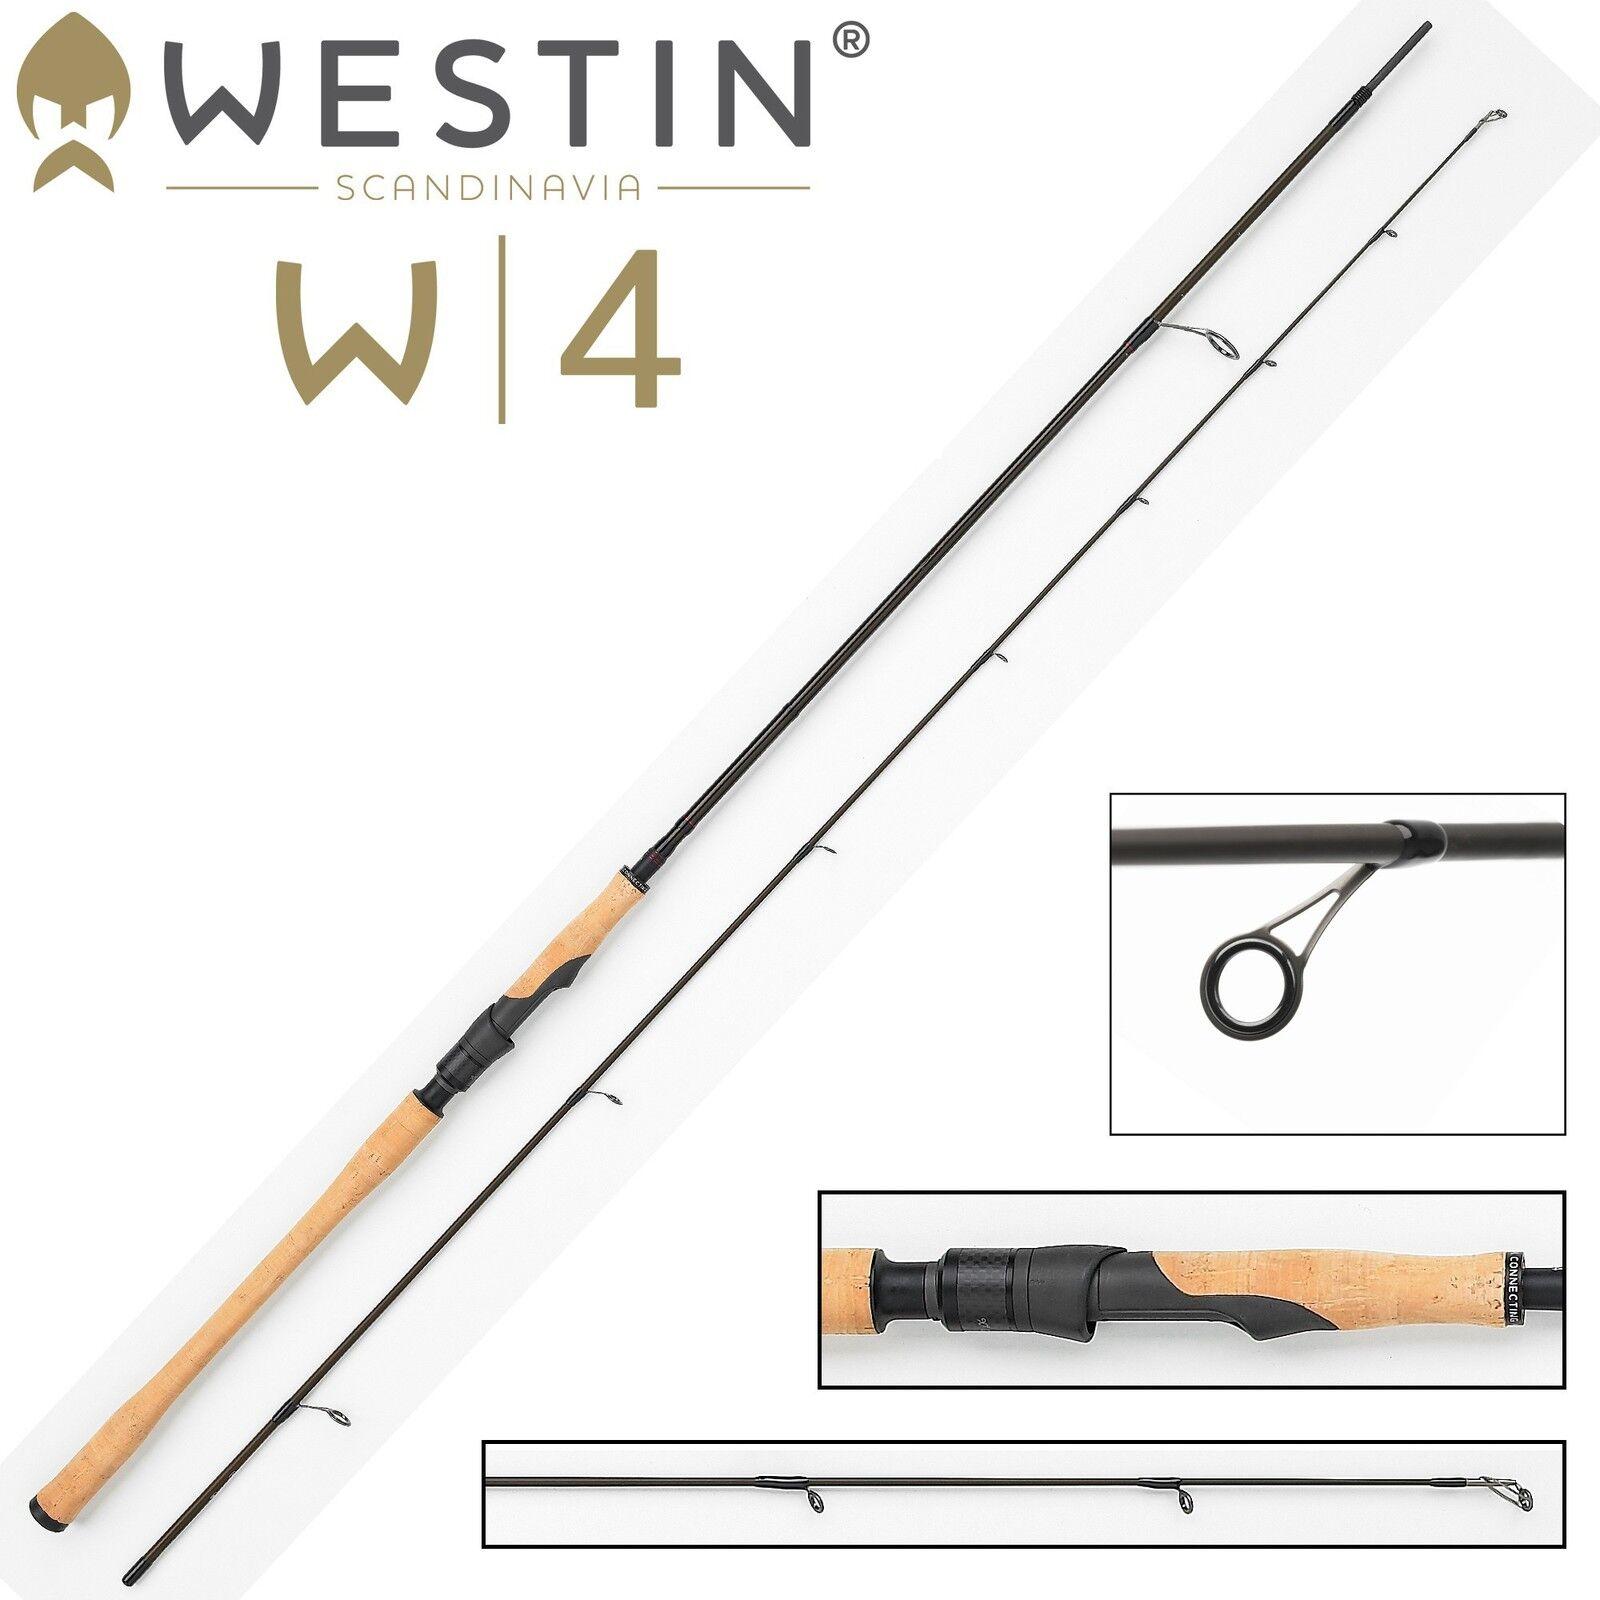 Westin W4 Rute Spin 270cm MH 10-40g Spinnrute Spinnrute Spinnrute für Meerforelle Blinkerrute 35e1b9